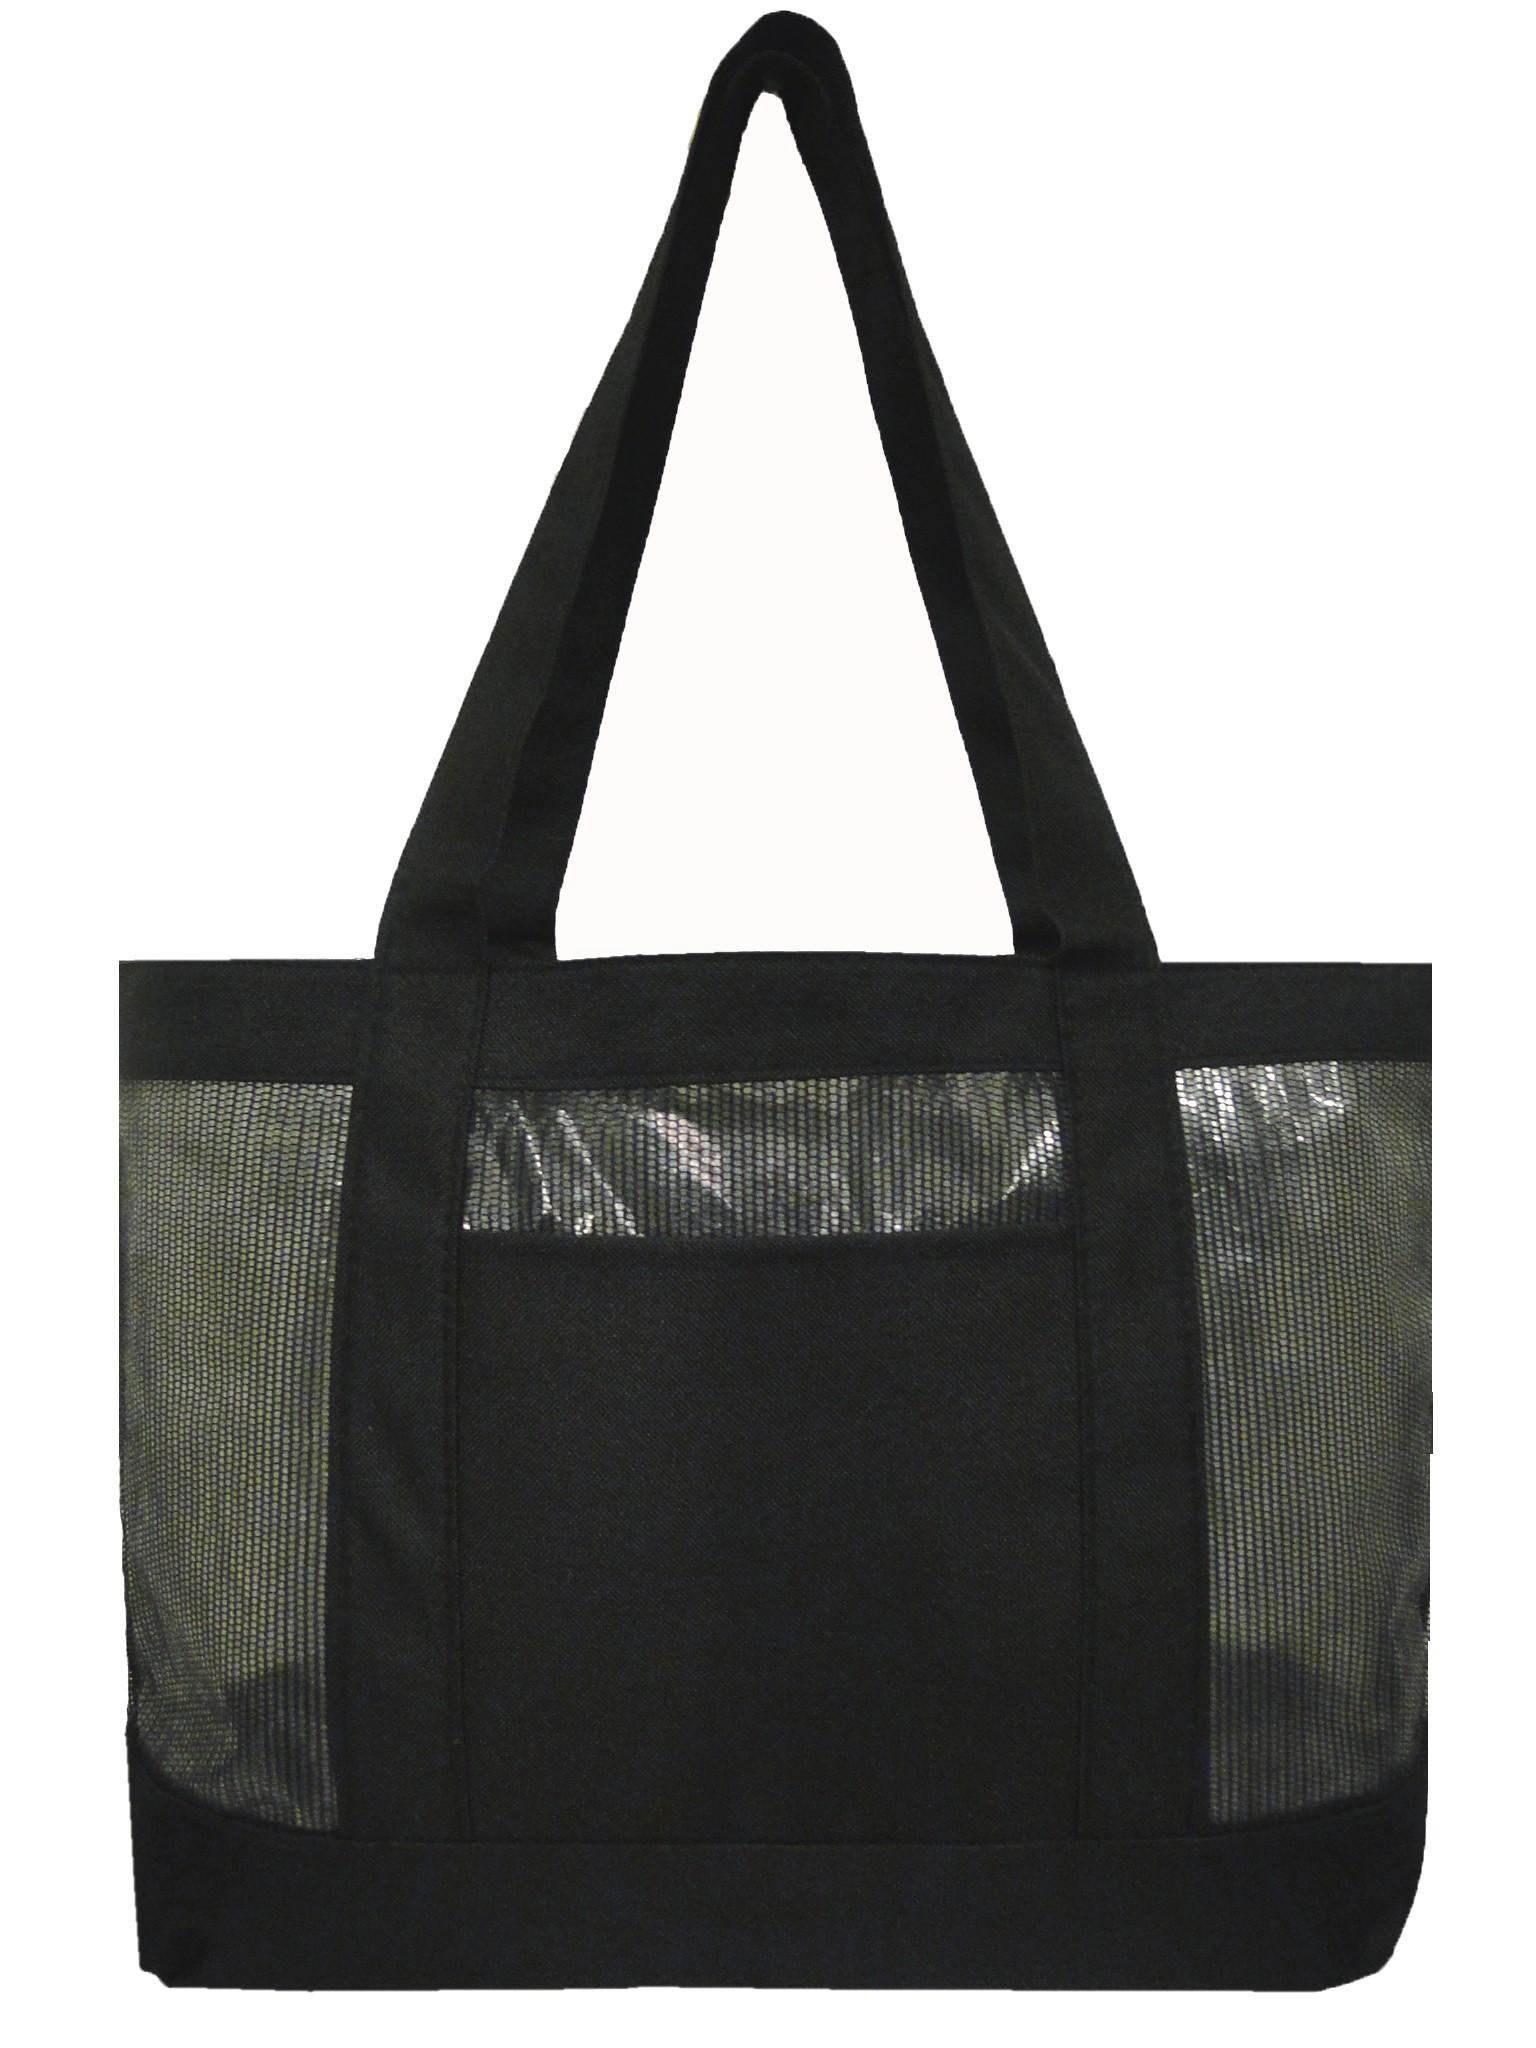 Fashion Mesh Tote Bag